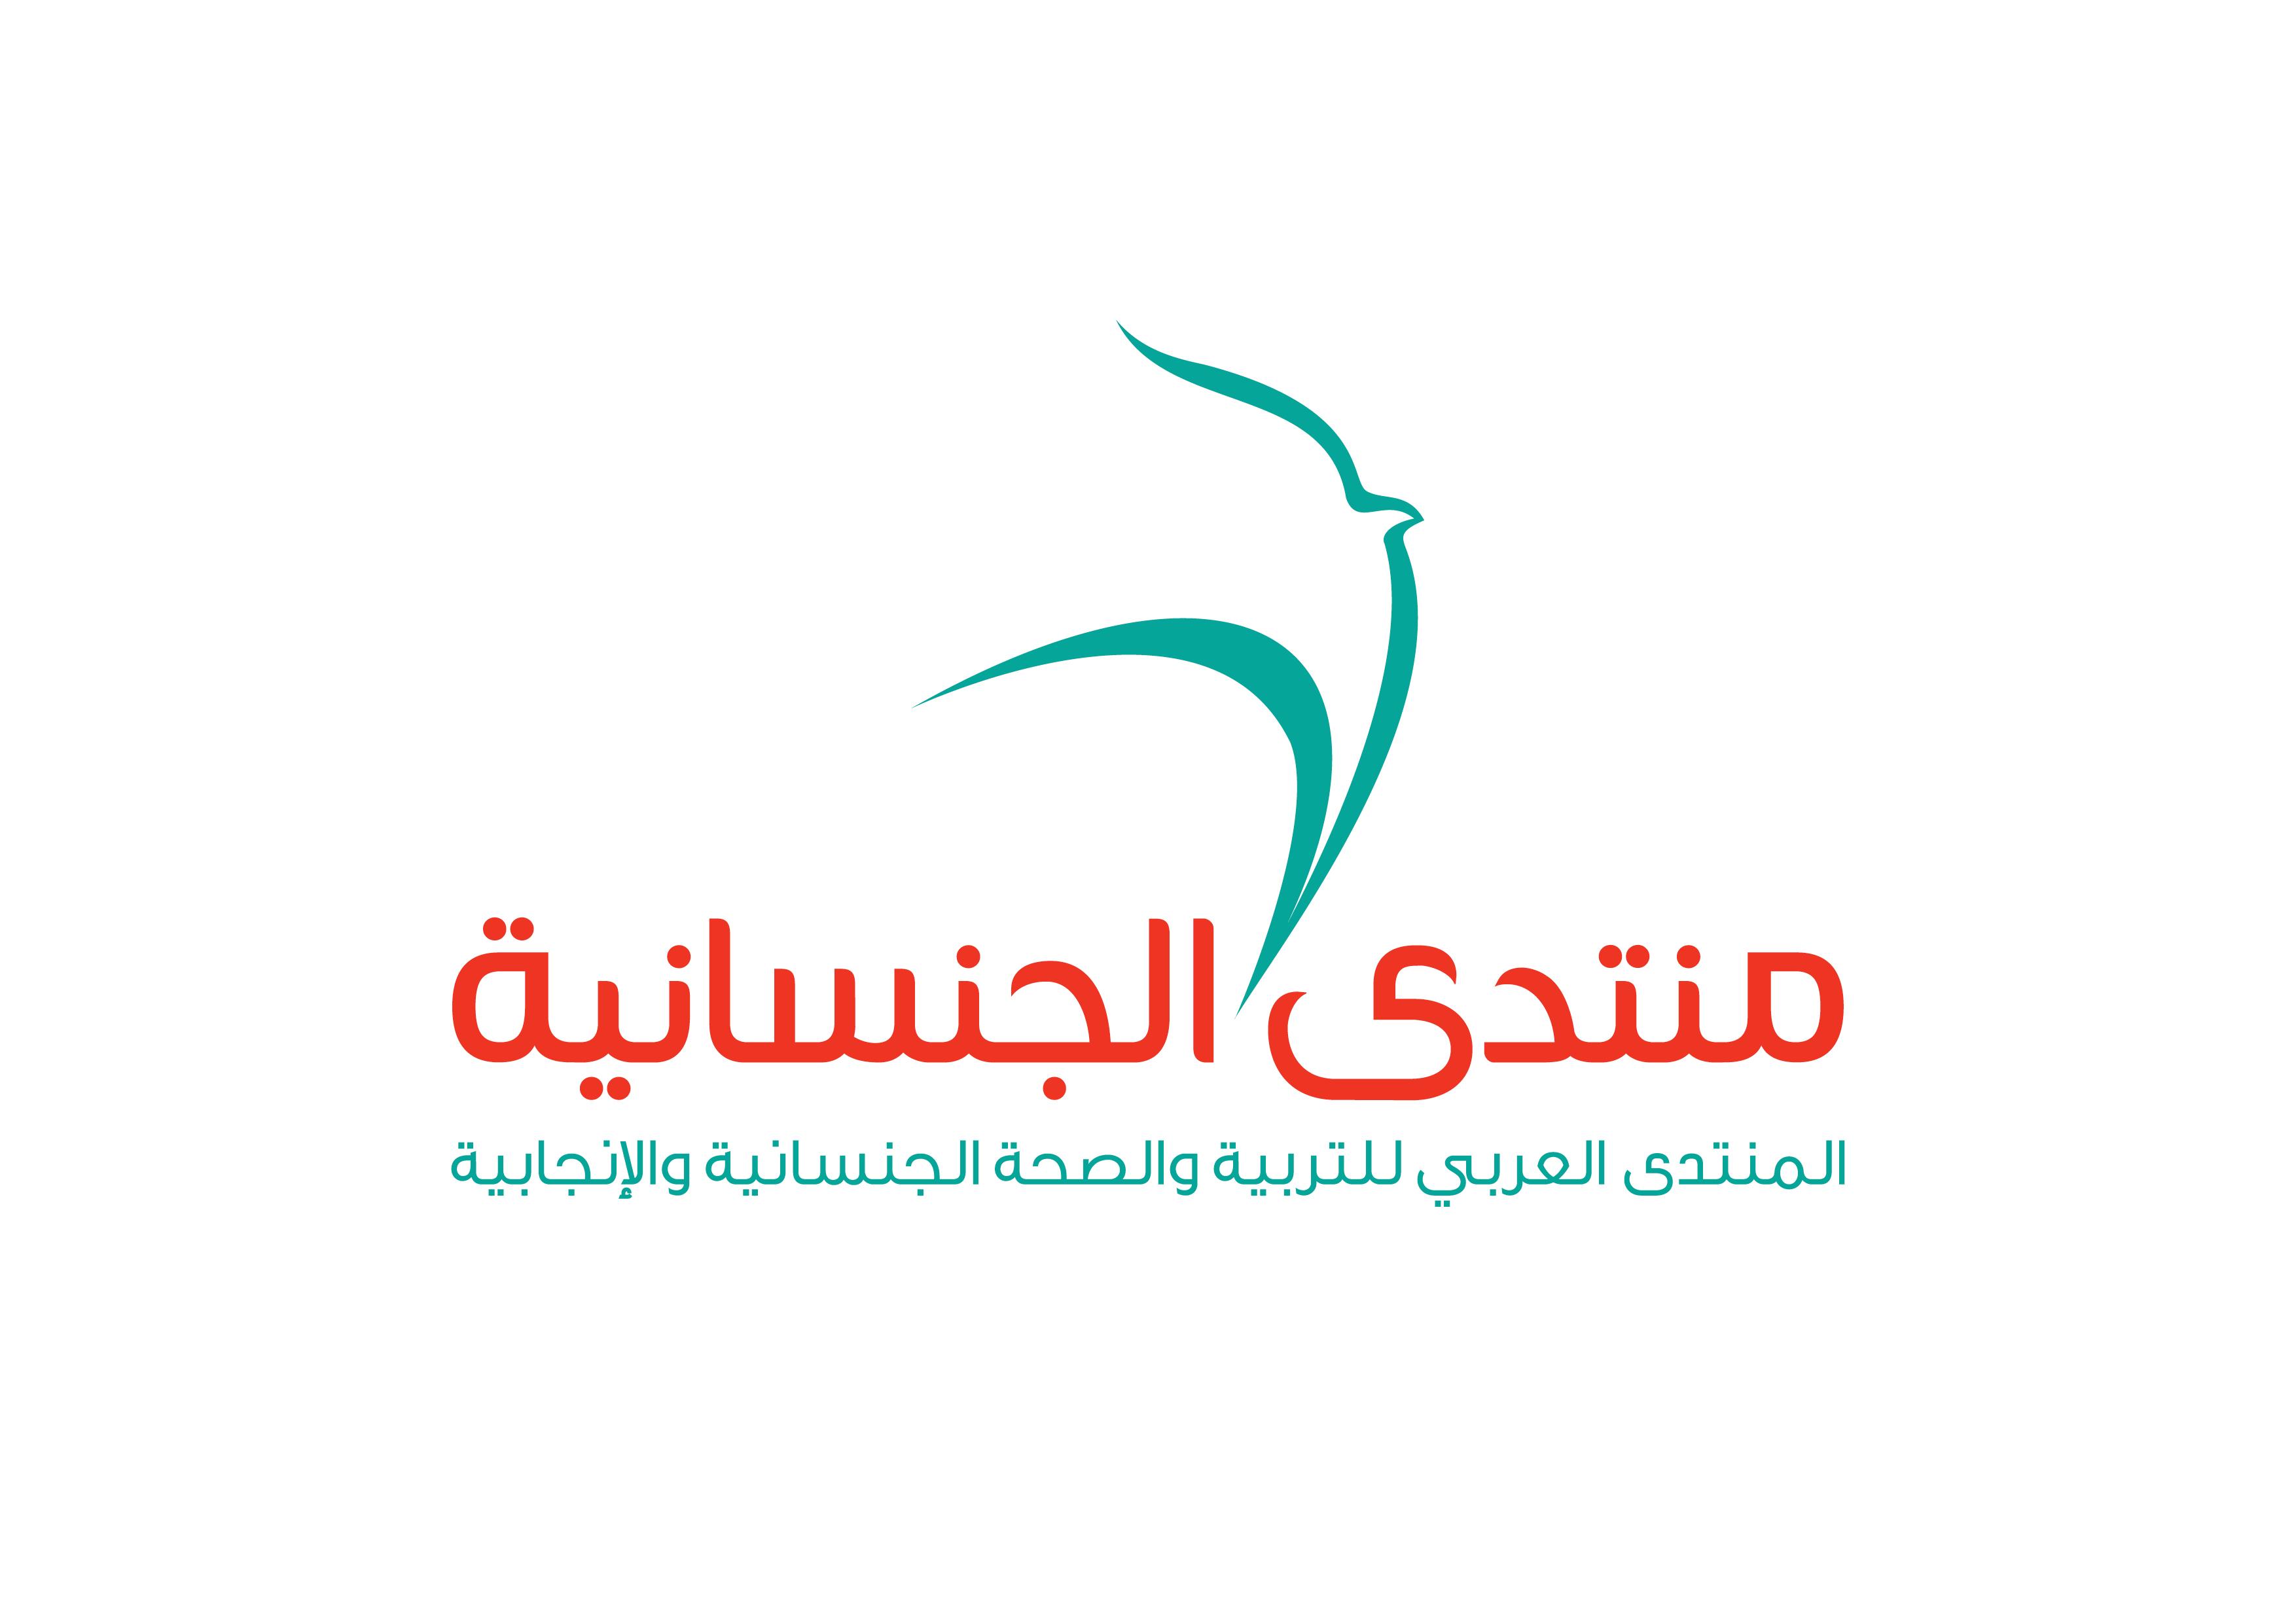 تقرير الفعاليات والنشاطات في الفترة ما بين شهر  كانون الثاني وشهر حزيران 2015 في مشروع   التحديات ال